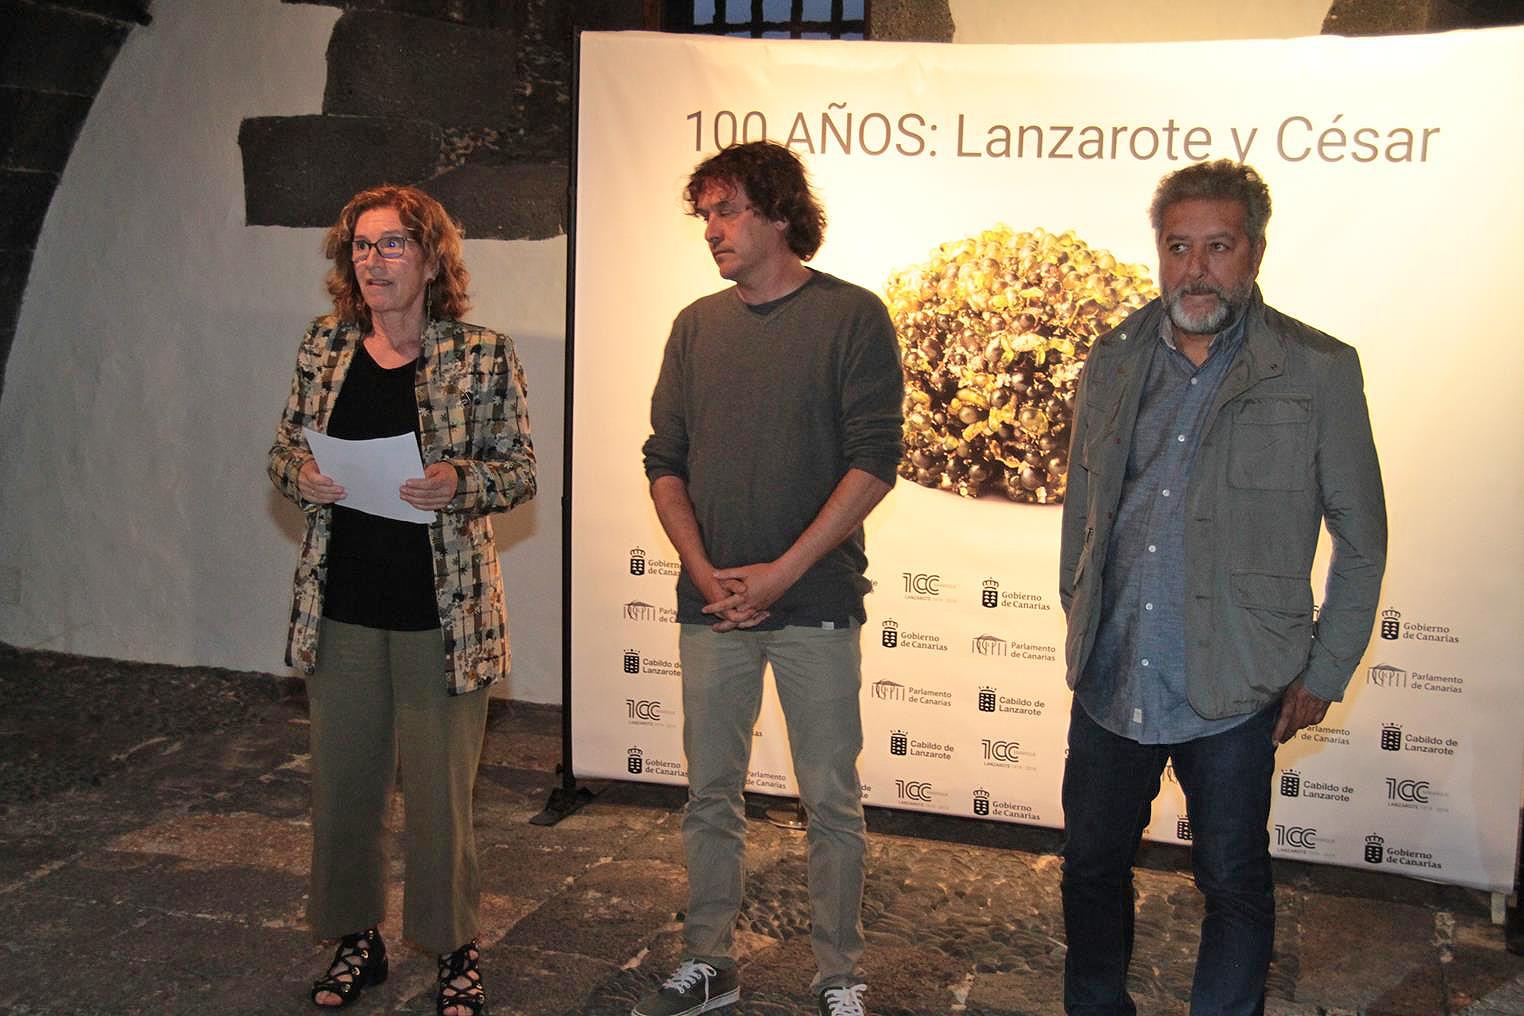 Las muestras de '100 años: Lanzarote y César' podrán visitarse conjuntamente hasta este sábado 4 de mayo